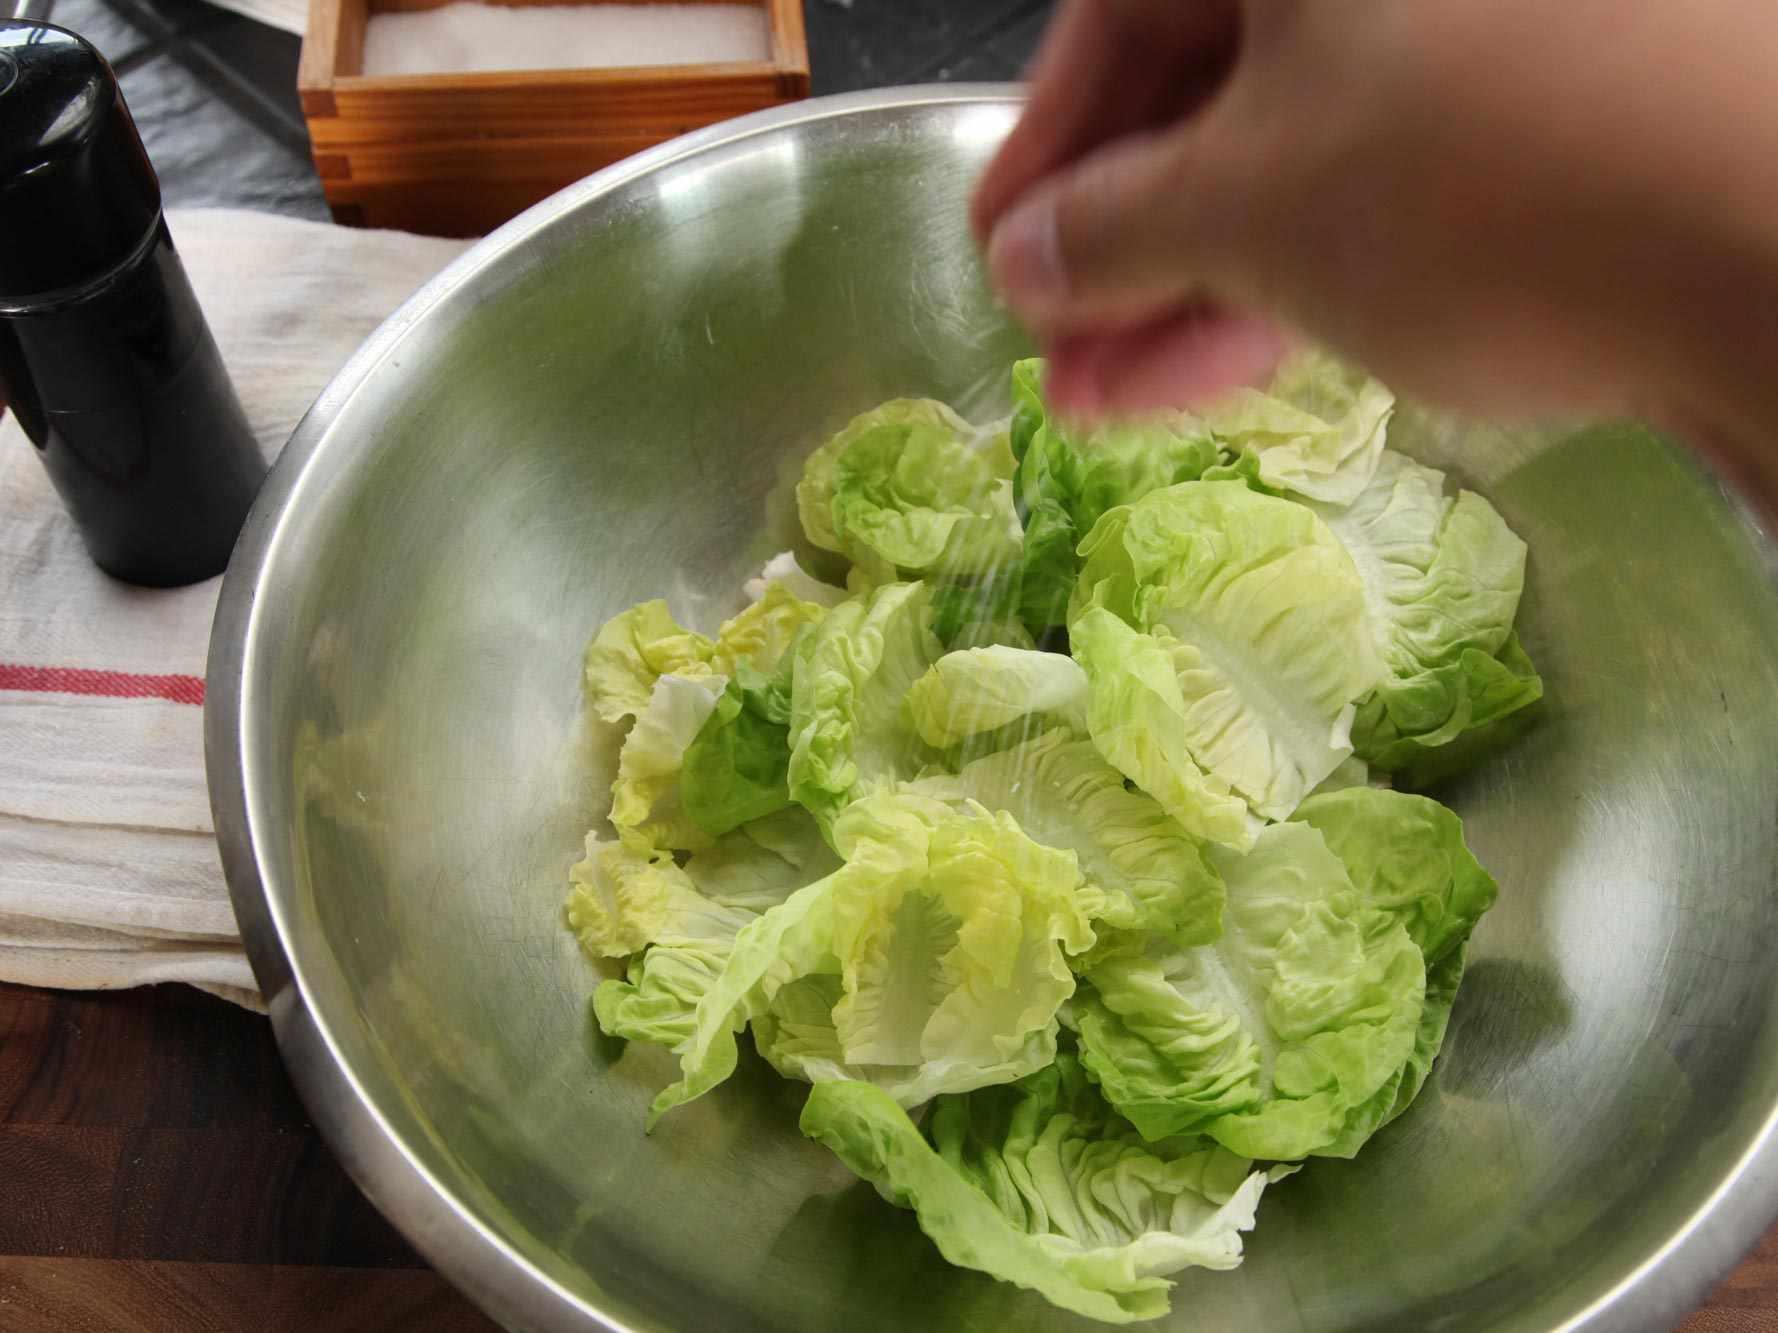 20140930-how-to-dress-a-salad-vinaigrette-12.jpg